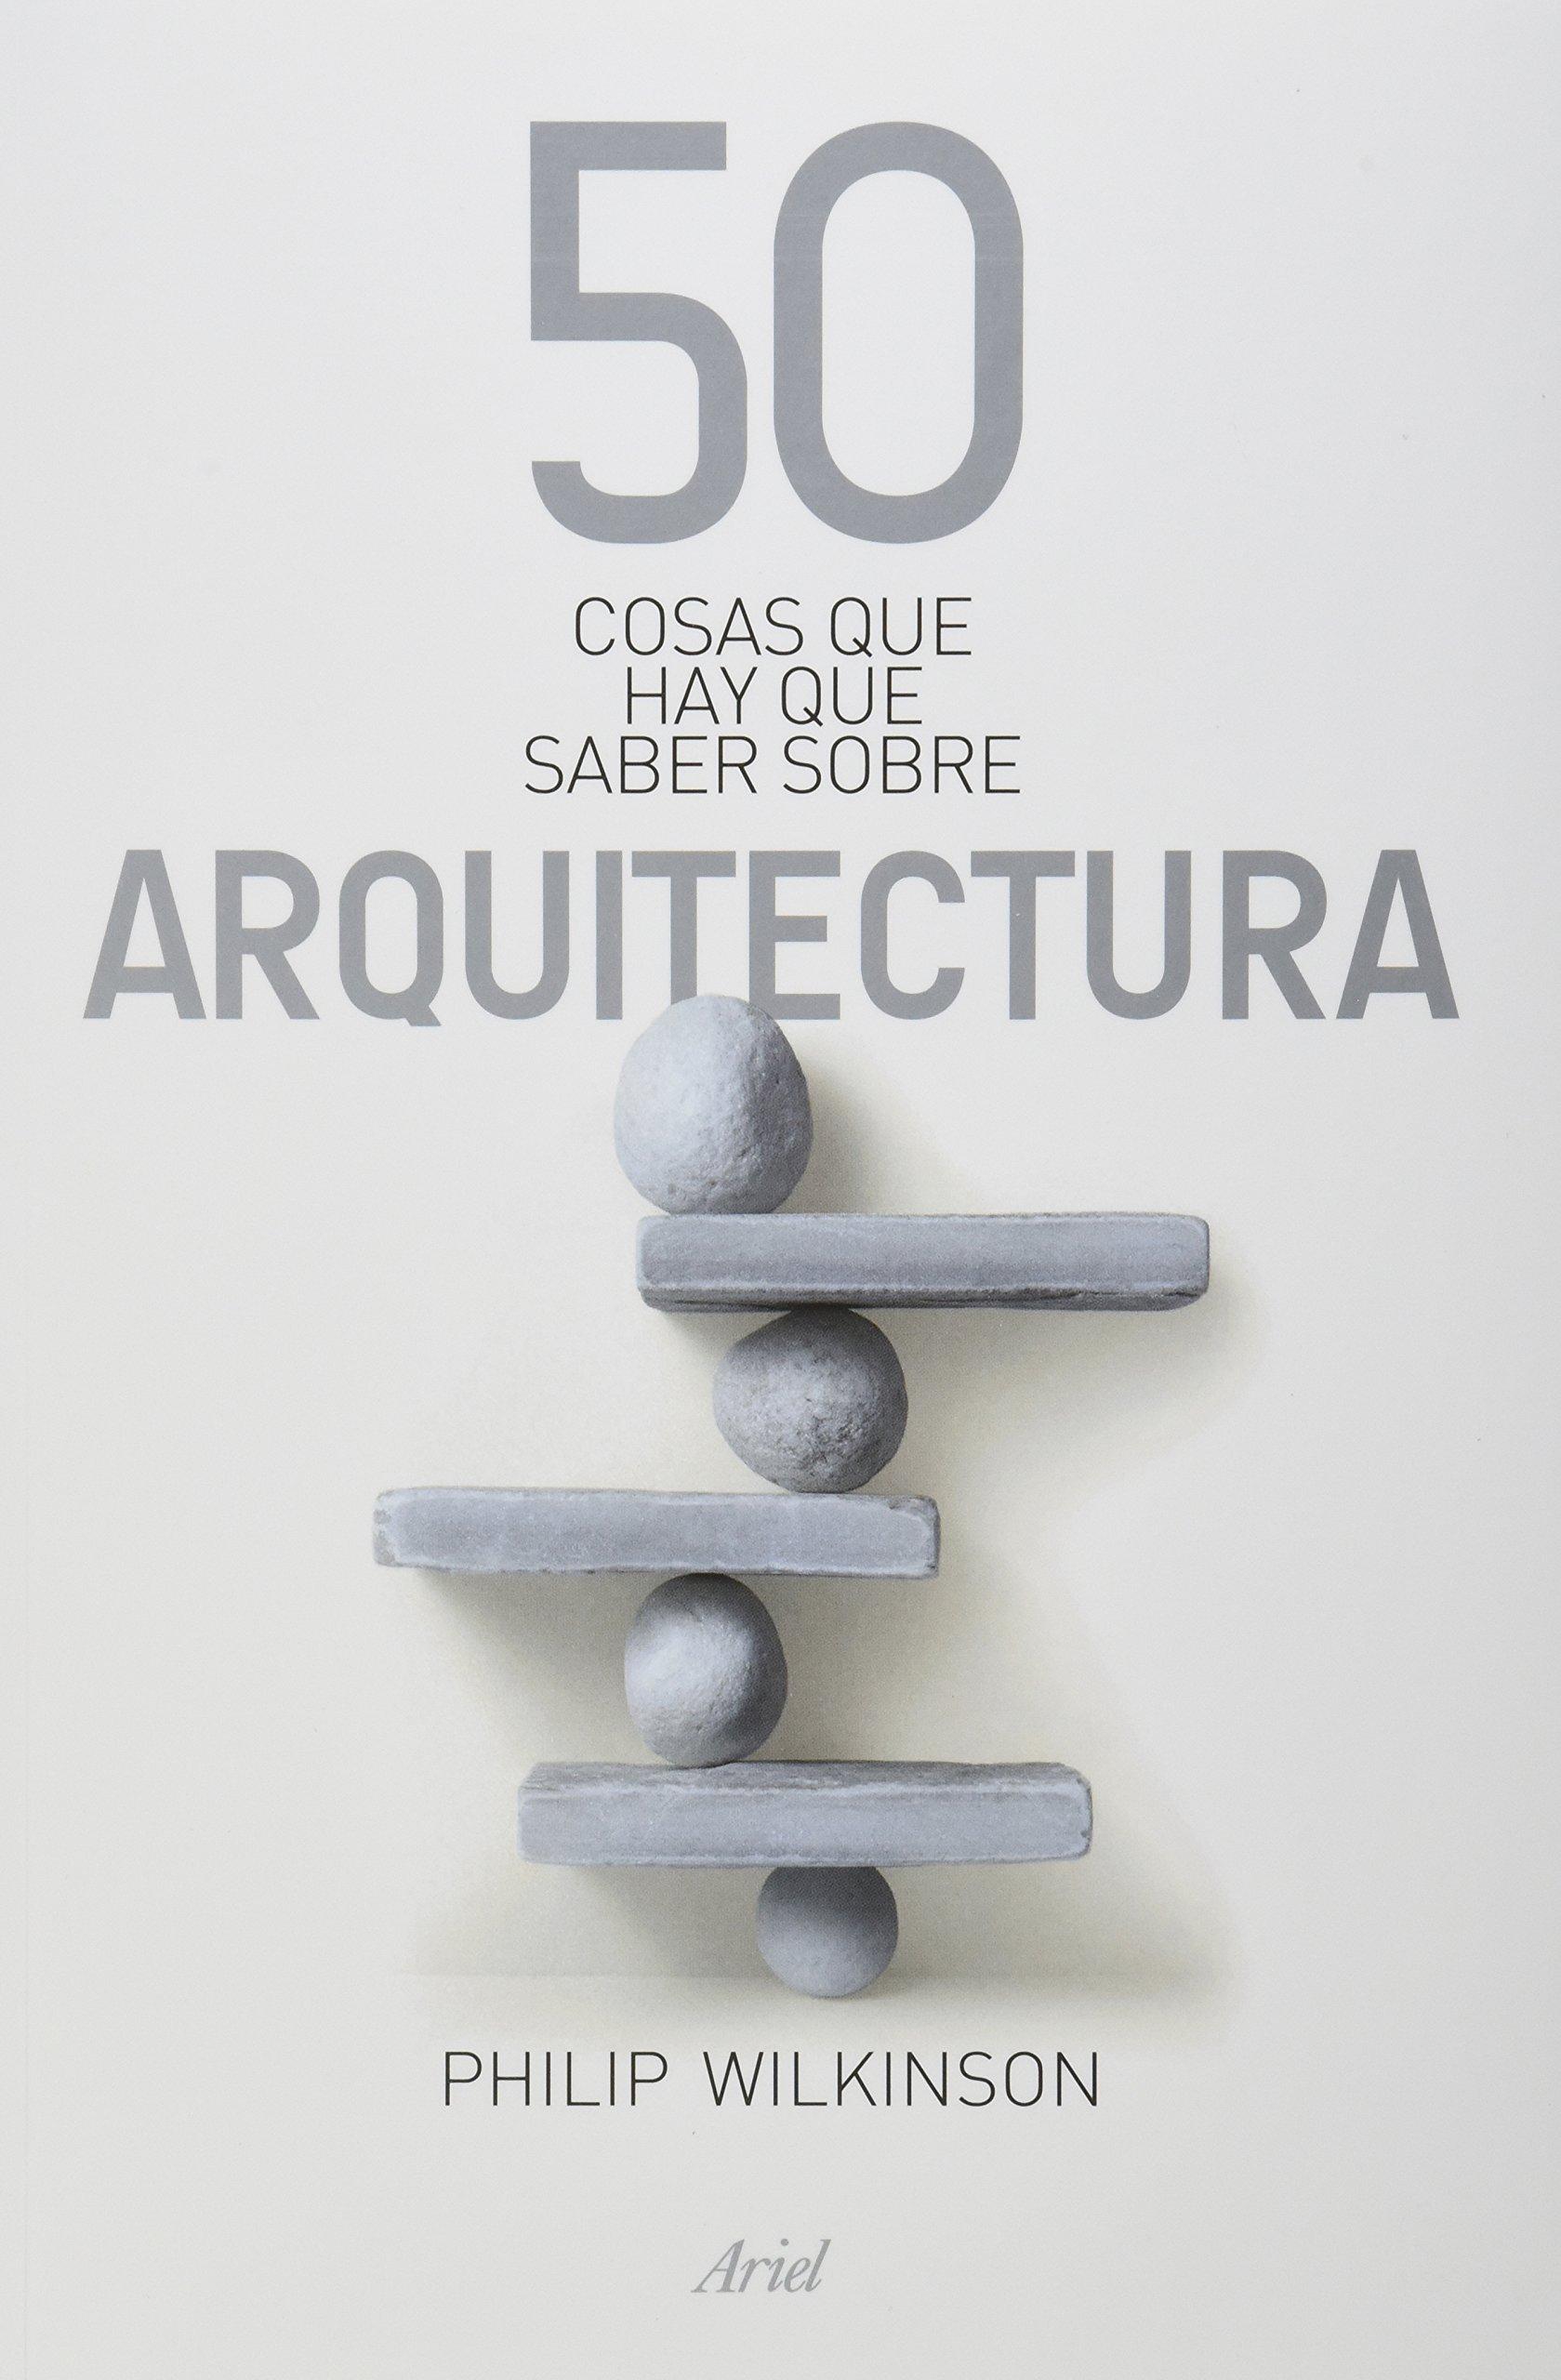 El libro 50 Cosas que hay que Saber Sobre Arquitectura explica elementos esenciales de dicha disciplina para comprenderla aunque no seas experto.